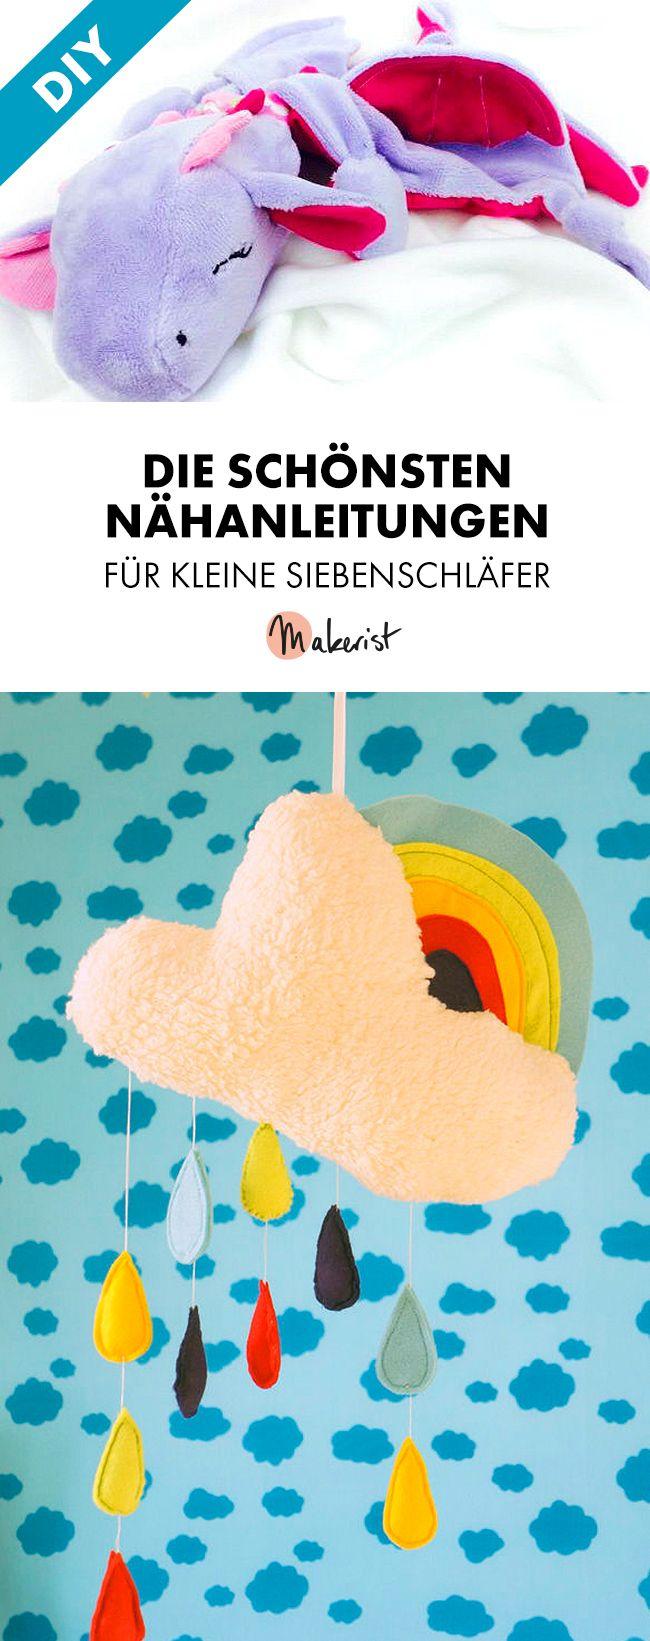 Anleitungen zum Schlafen für Kinder - Schnittmuster und Nähanleitungen via Makerist.de